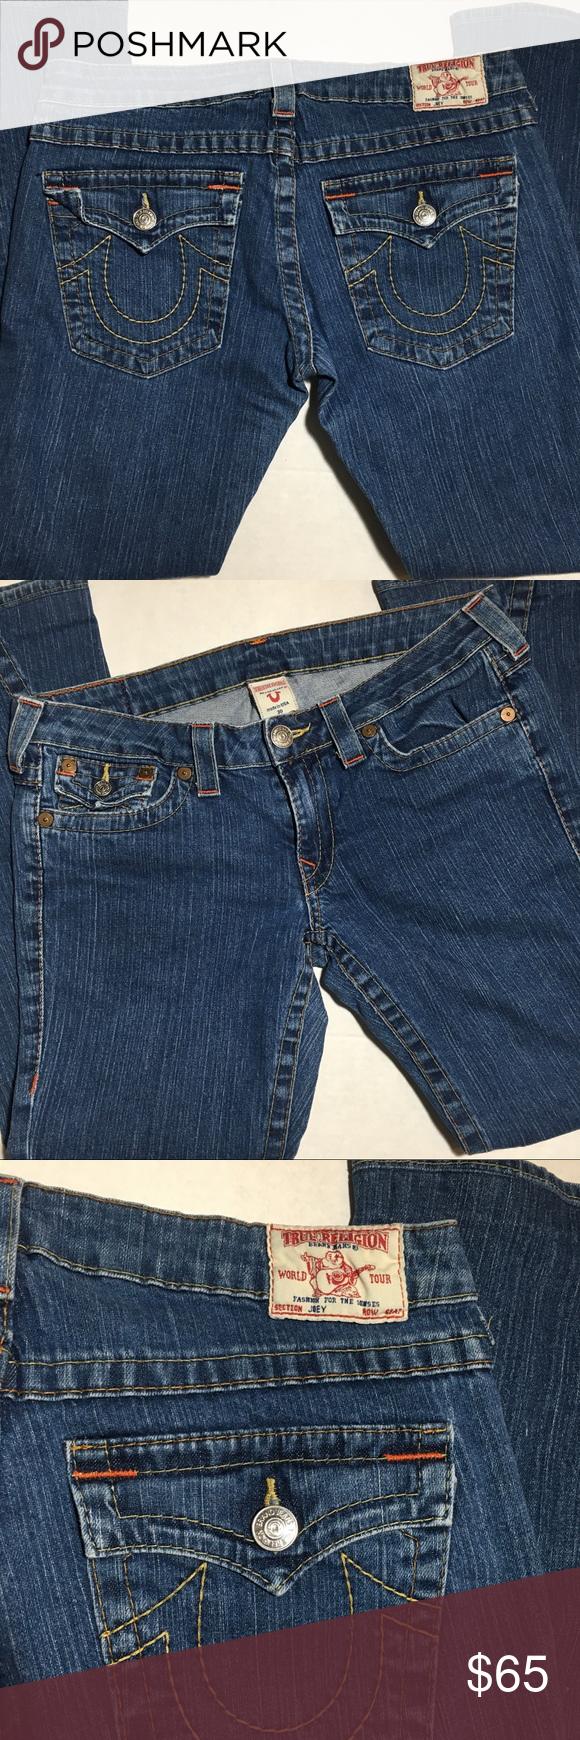 005353892  True Religion  woman s size 30Joey 10-503 Jeans True Religion Women s Size  30